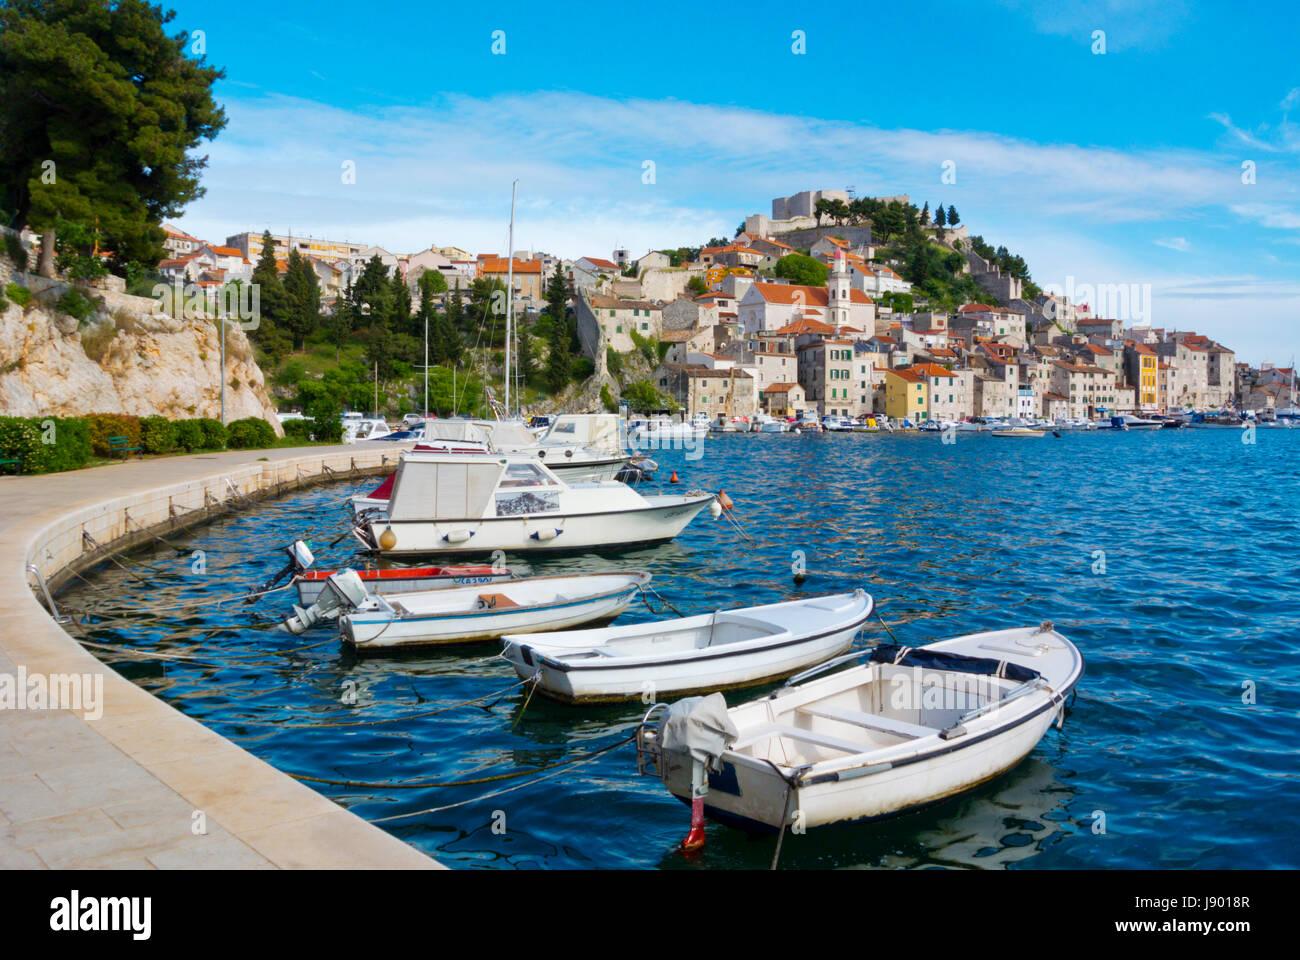 Boote auf der Strandpromenade, mit Altstadt im Hintergrund, Sibenik, Dalmatien, Kroatien Stockbild